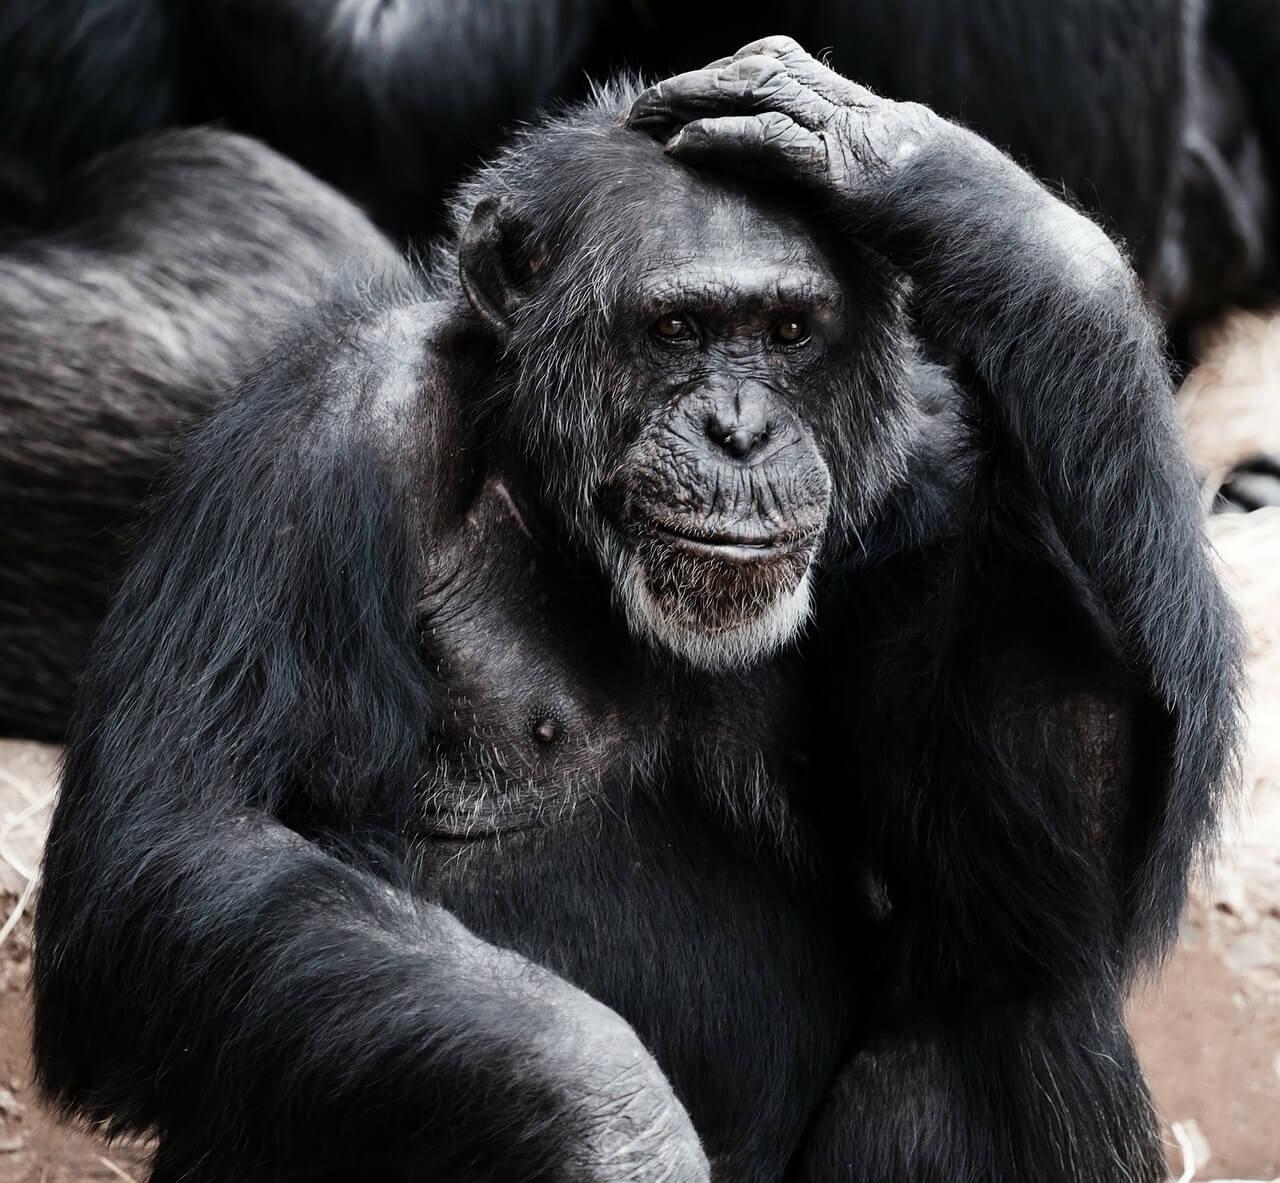 Lovkinja Morana otkrila pornjavu na stranicama Zoološkog vrta u Zagrebu